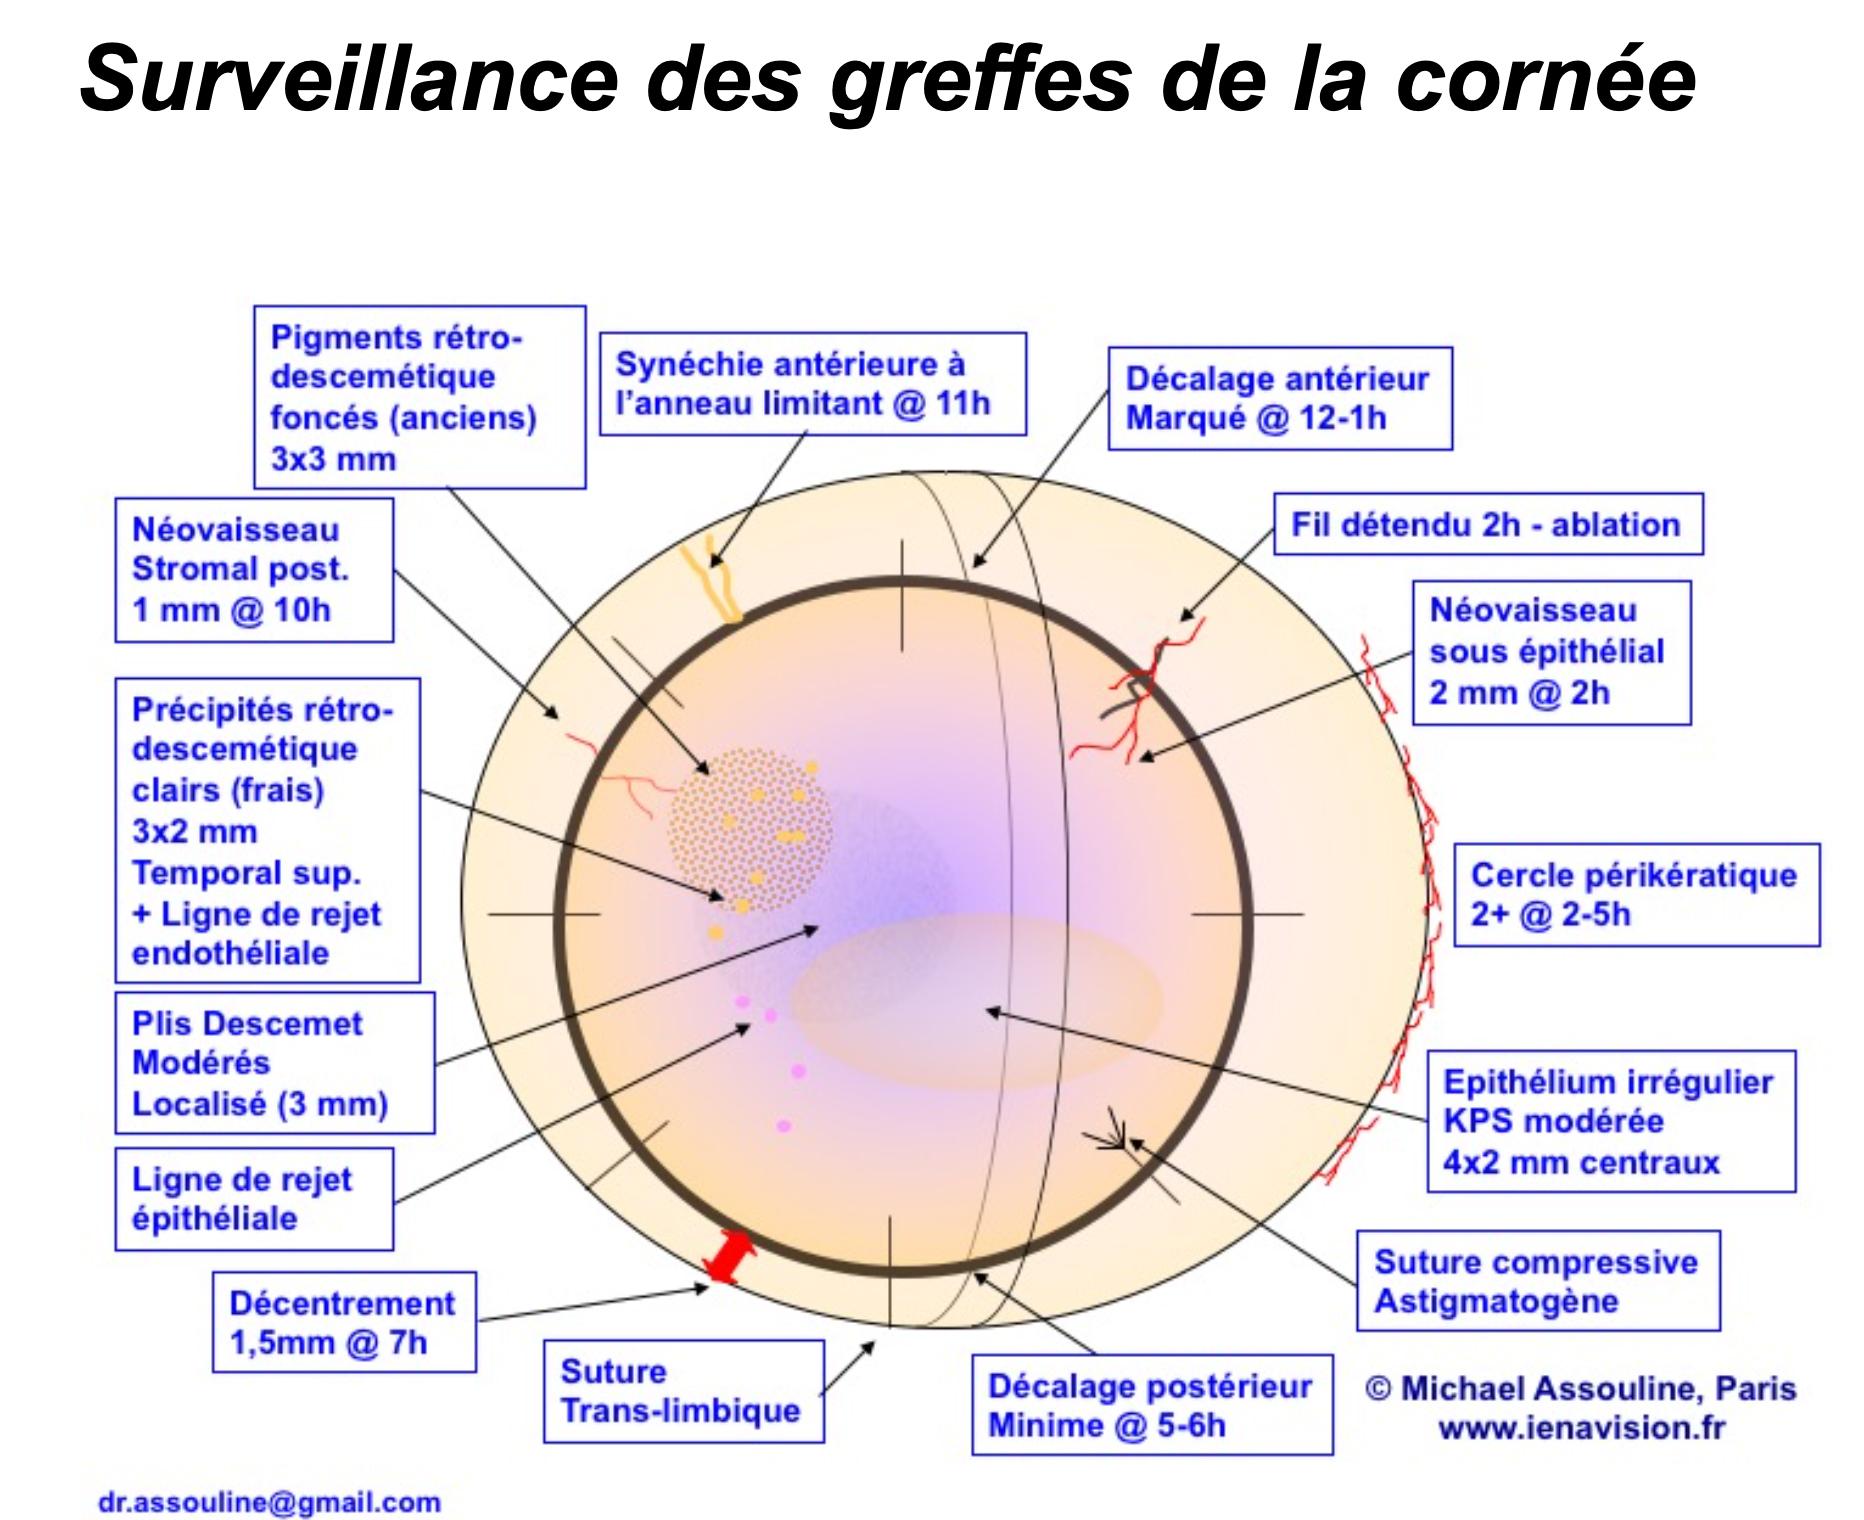 surveillance greffe de cornée